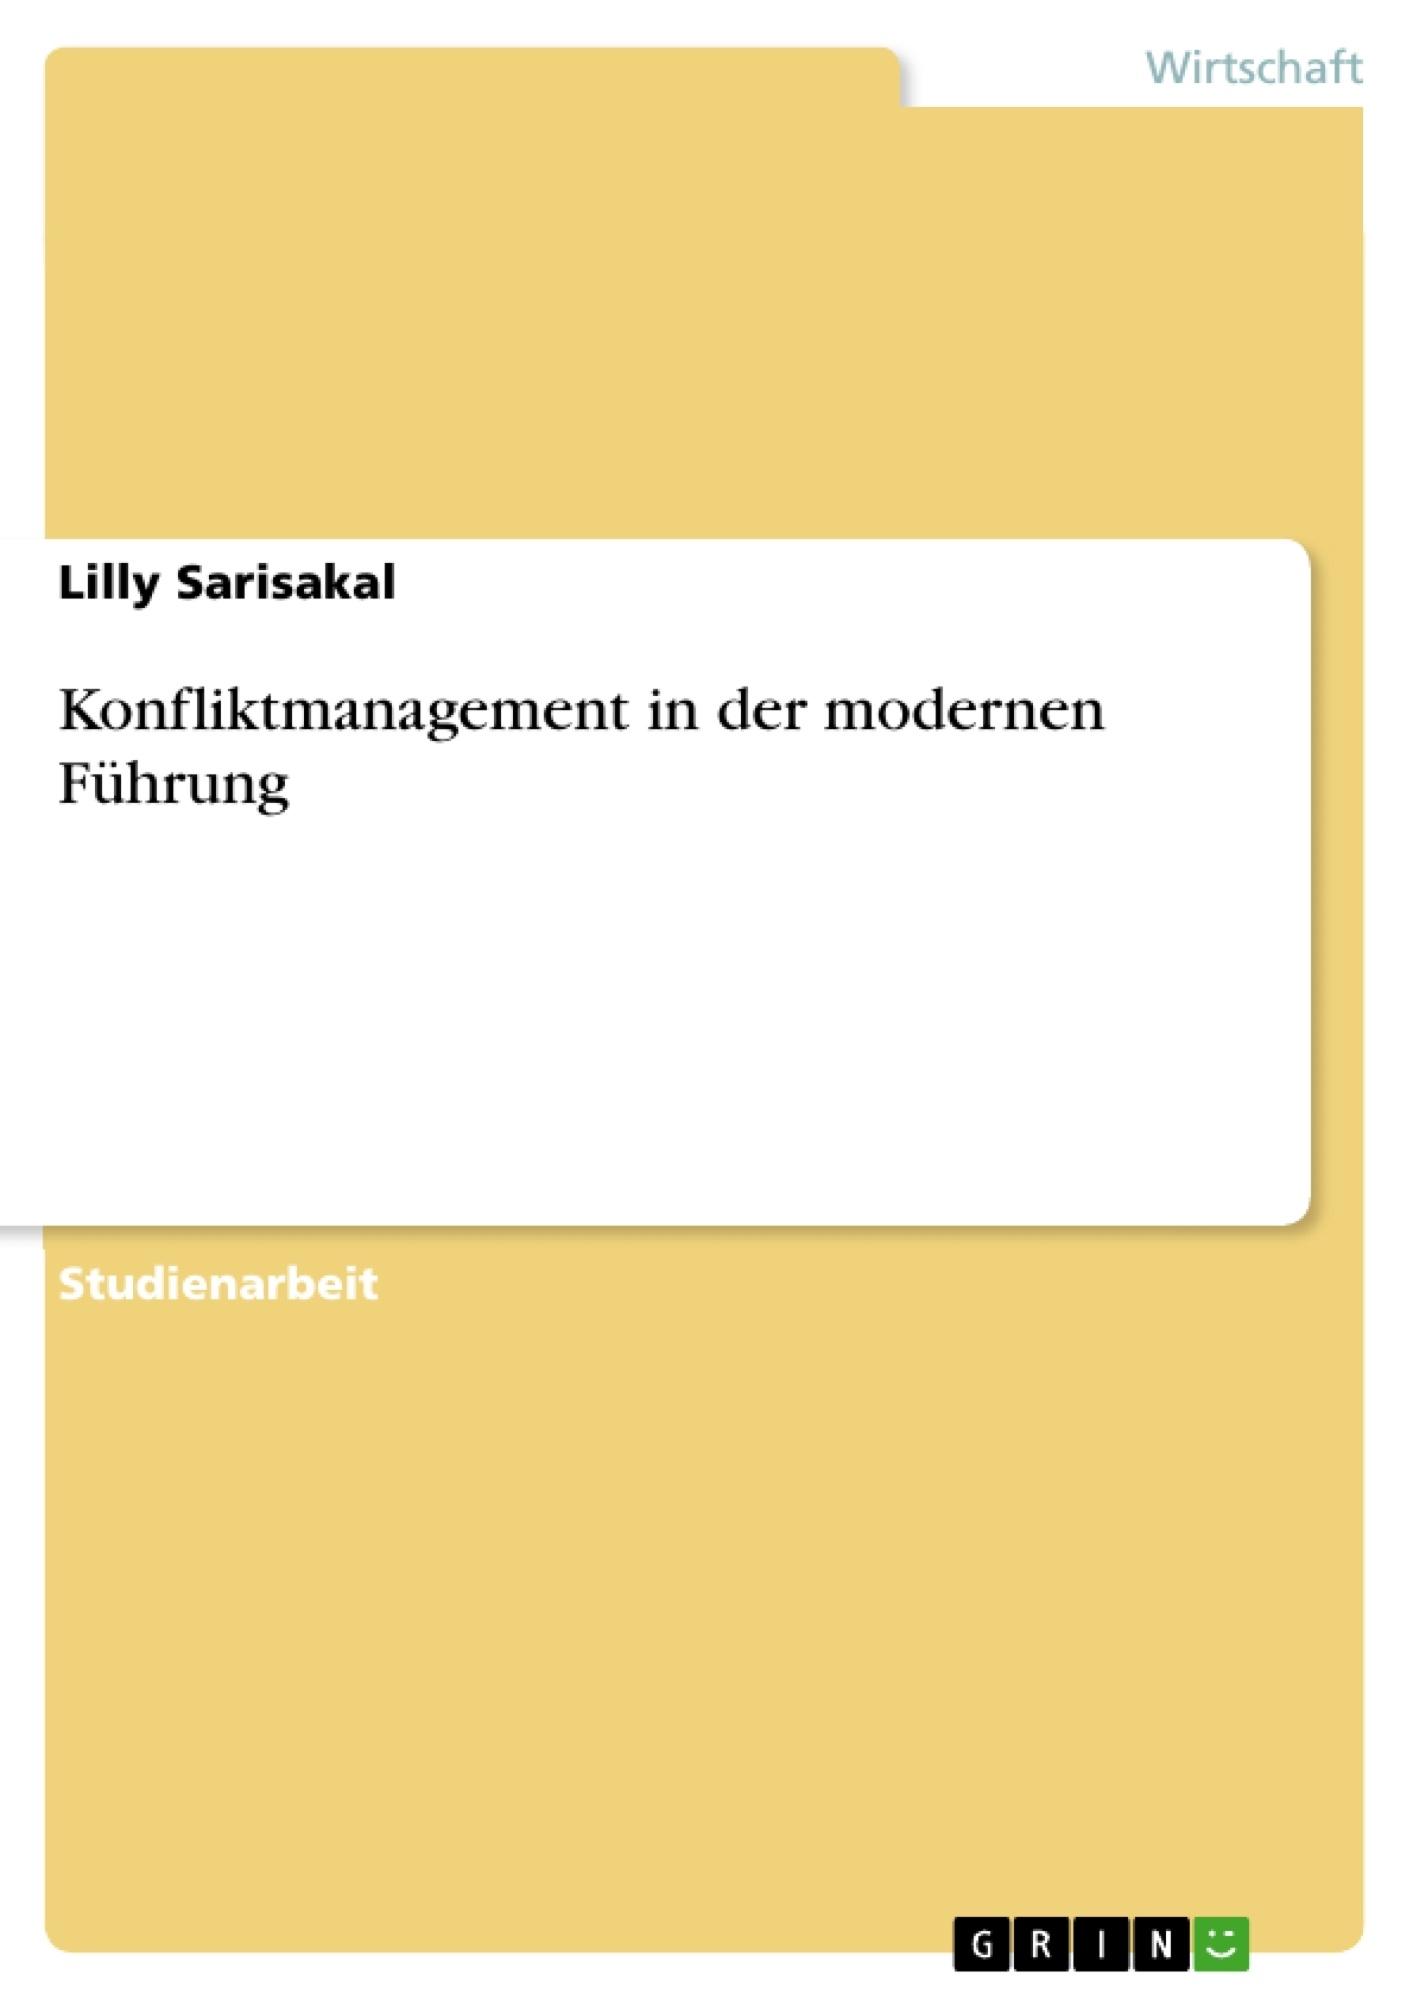 Titel: Konfliktmanagement in der modernen Führung